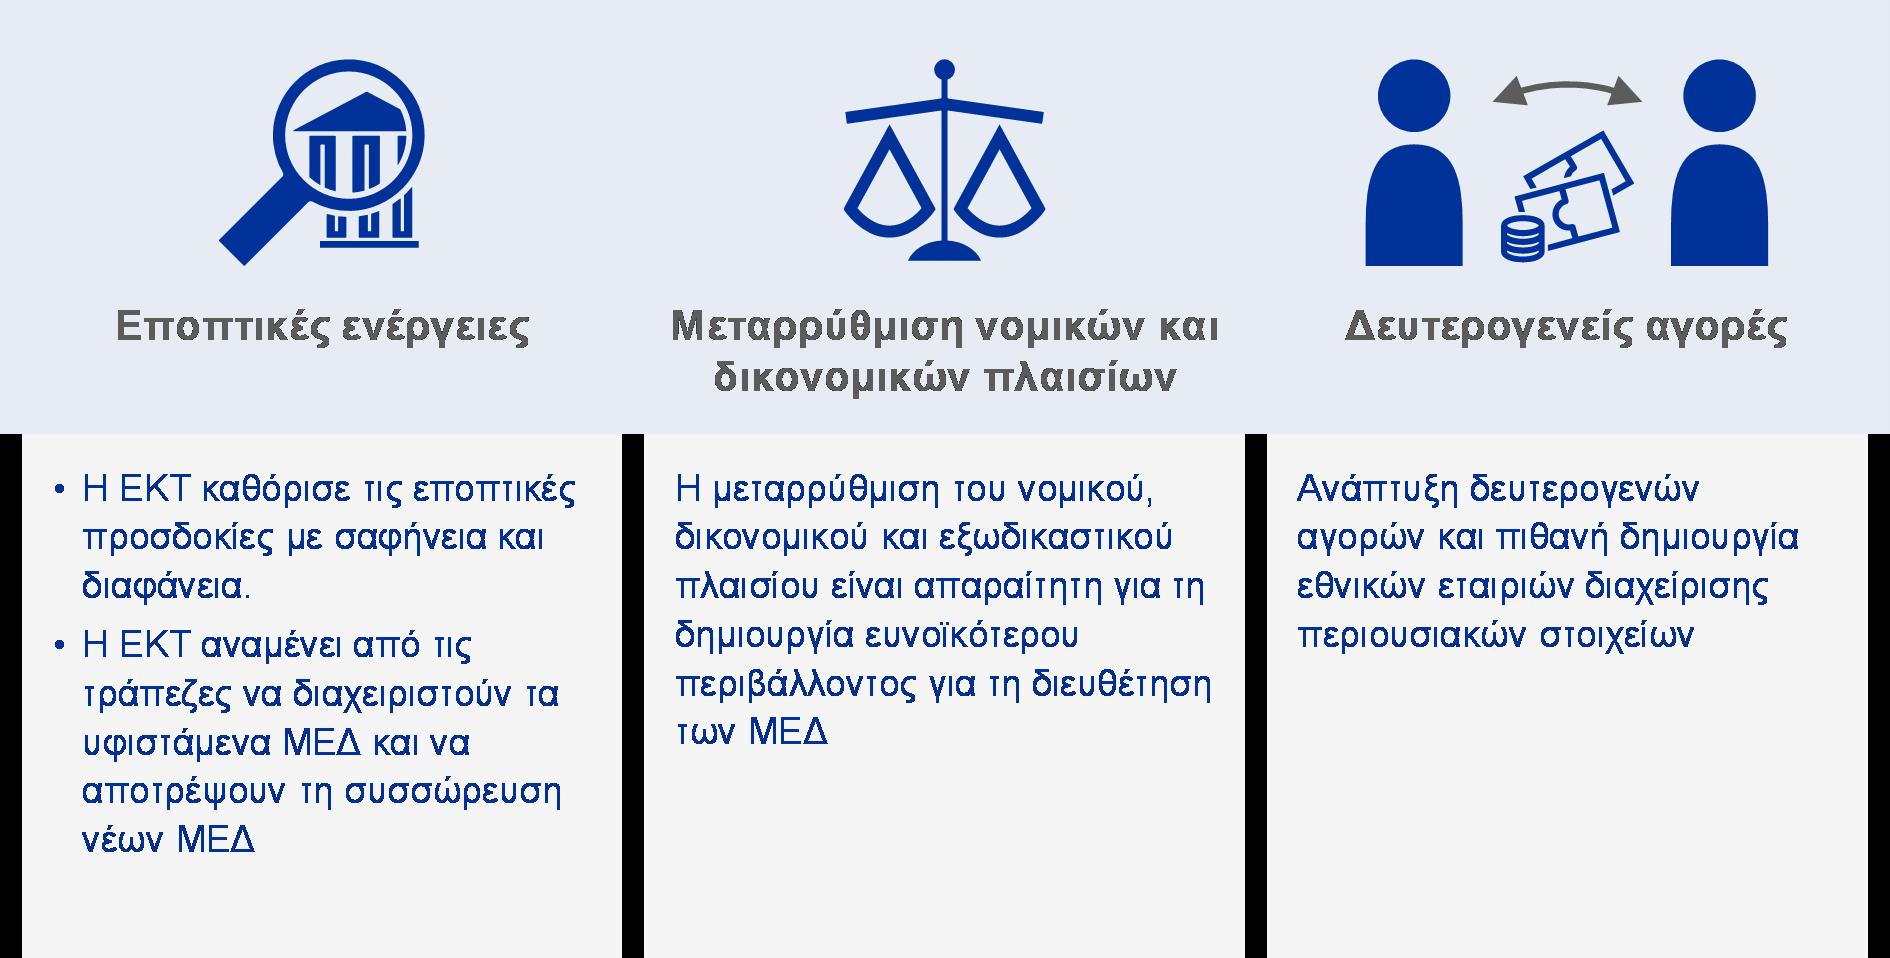 Ποιες είναι οι πέντε αρχές της σχετικής χρονολογίων